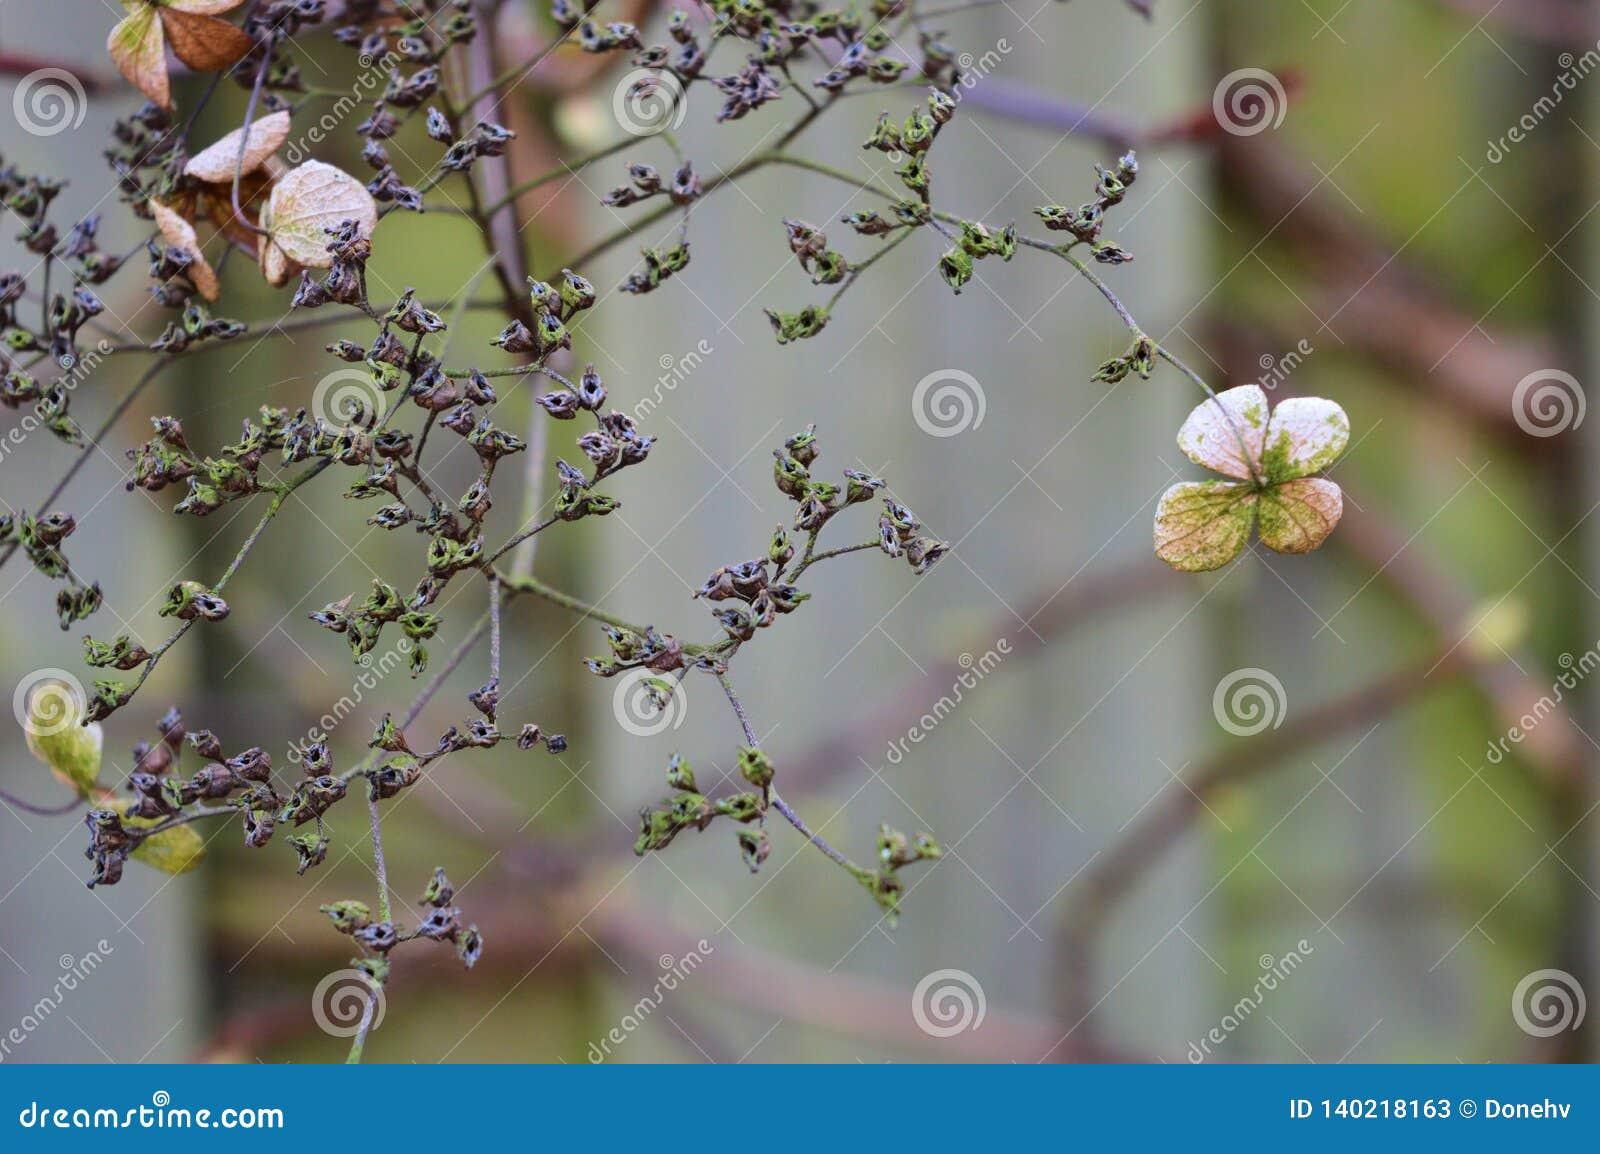 Dead hydrangea flowers in the winter